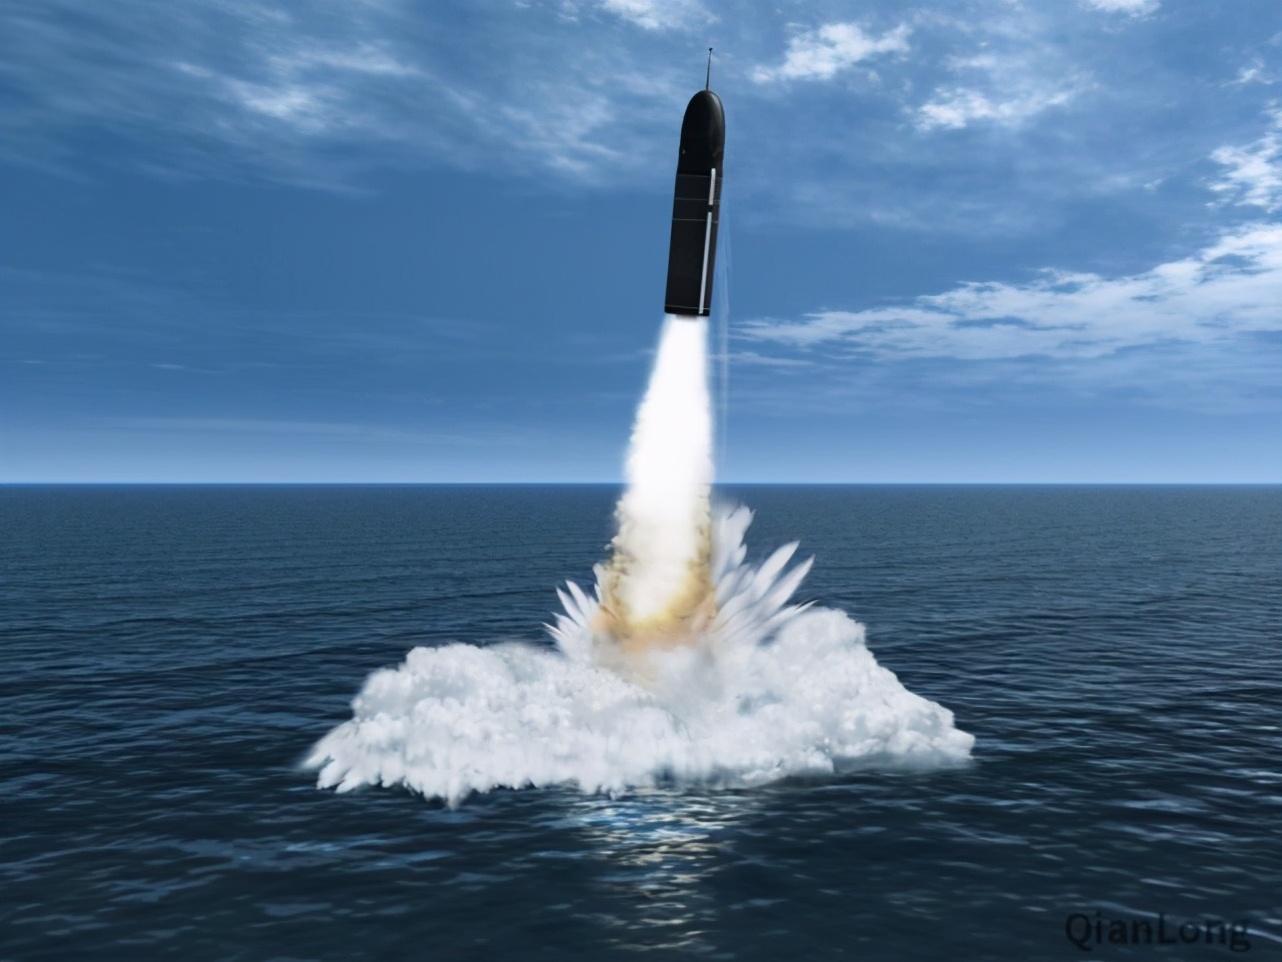 从海底潜艇发射一颗洲际导弹,被轰炸国知道是哪国发射的吗?